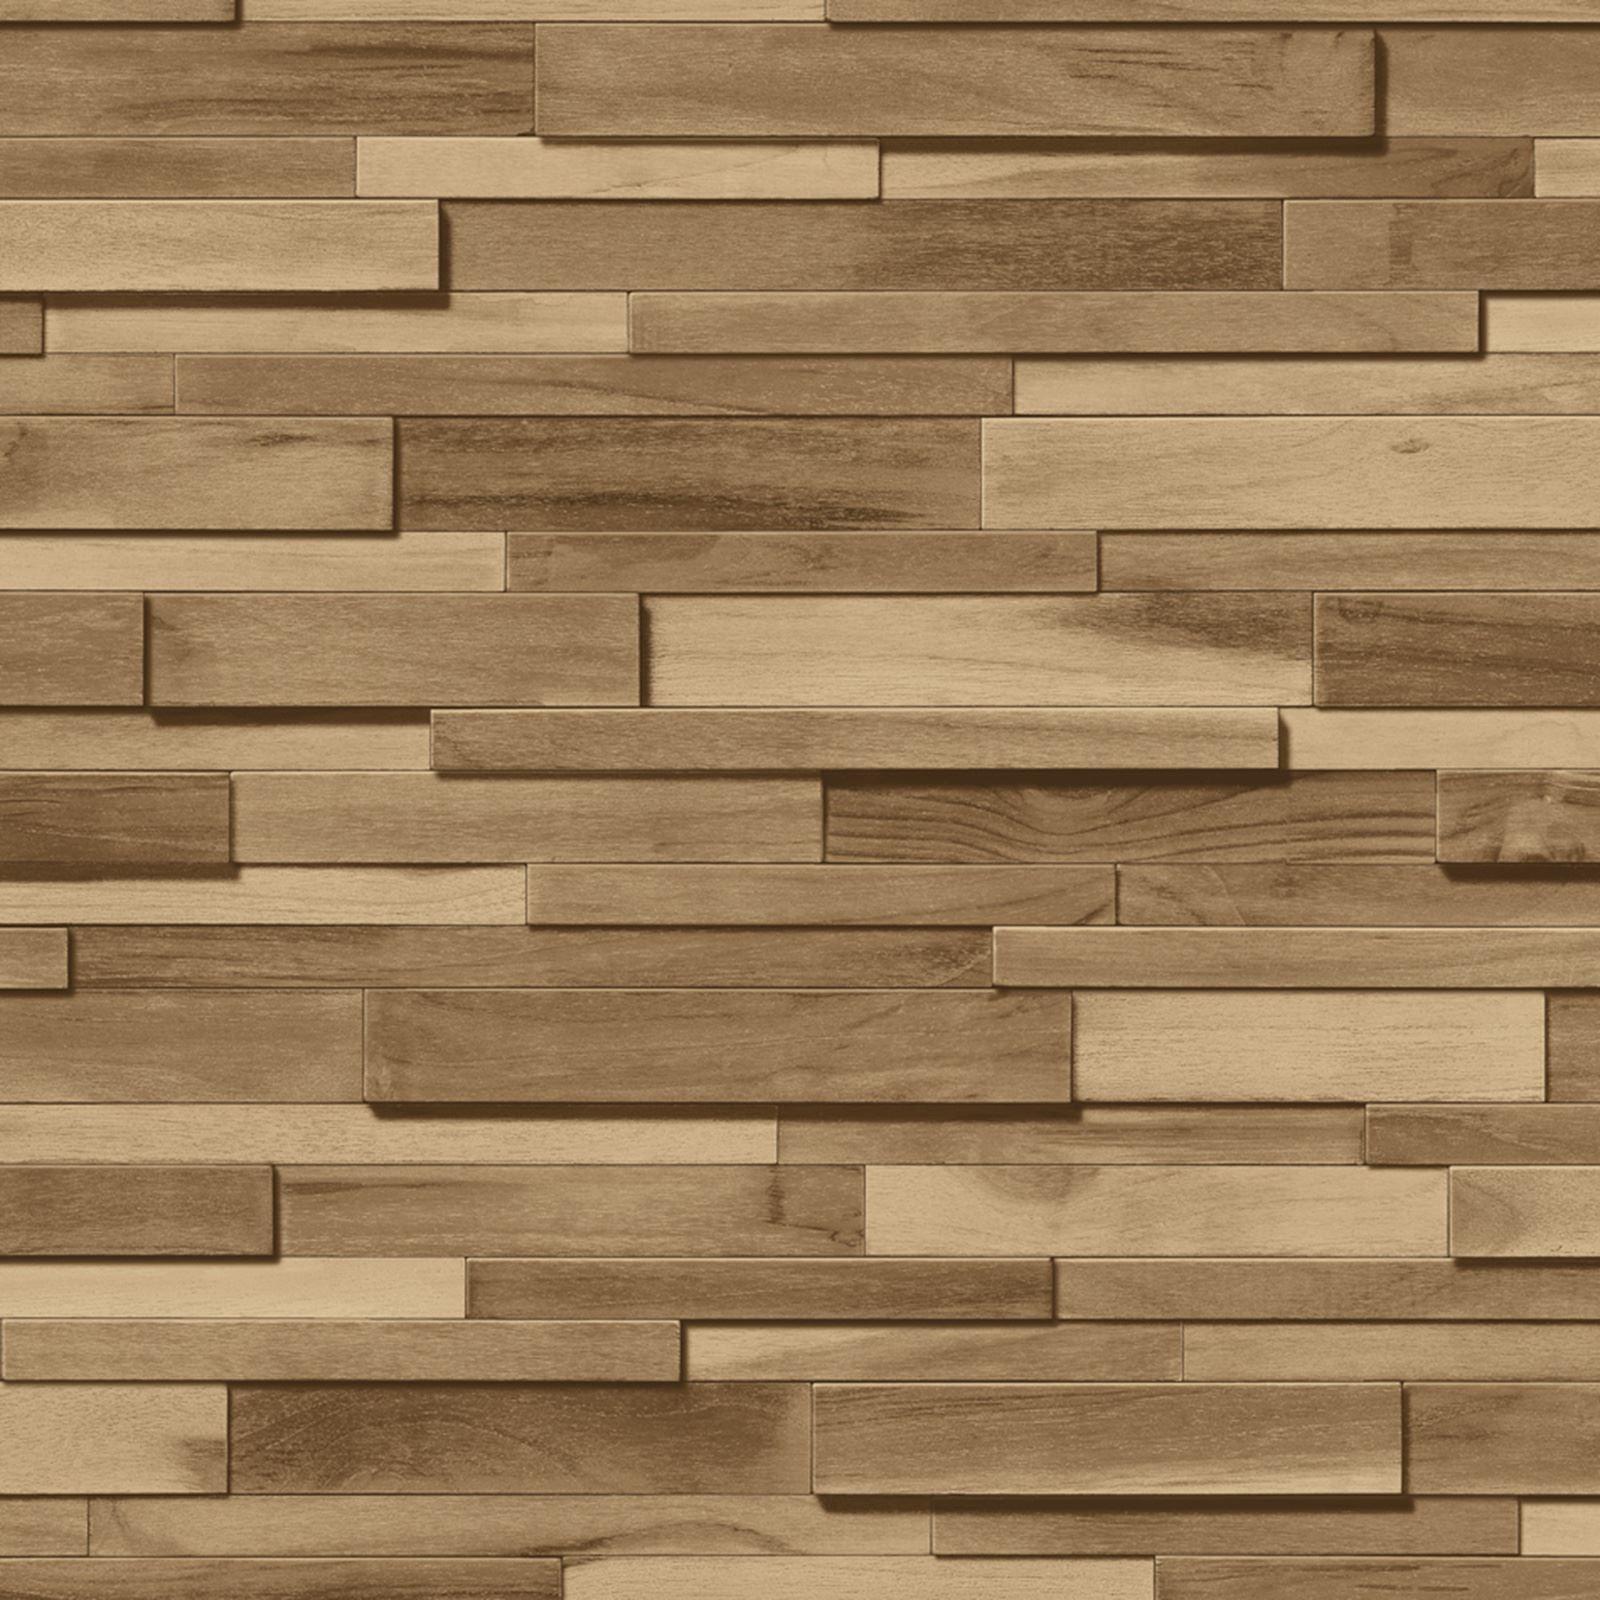 muriva en bois ardoise papier peint 2 couleurs disponibles. Black Bedroom Furniture Sets. Home Design Ideas